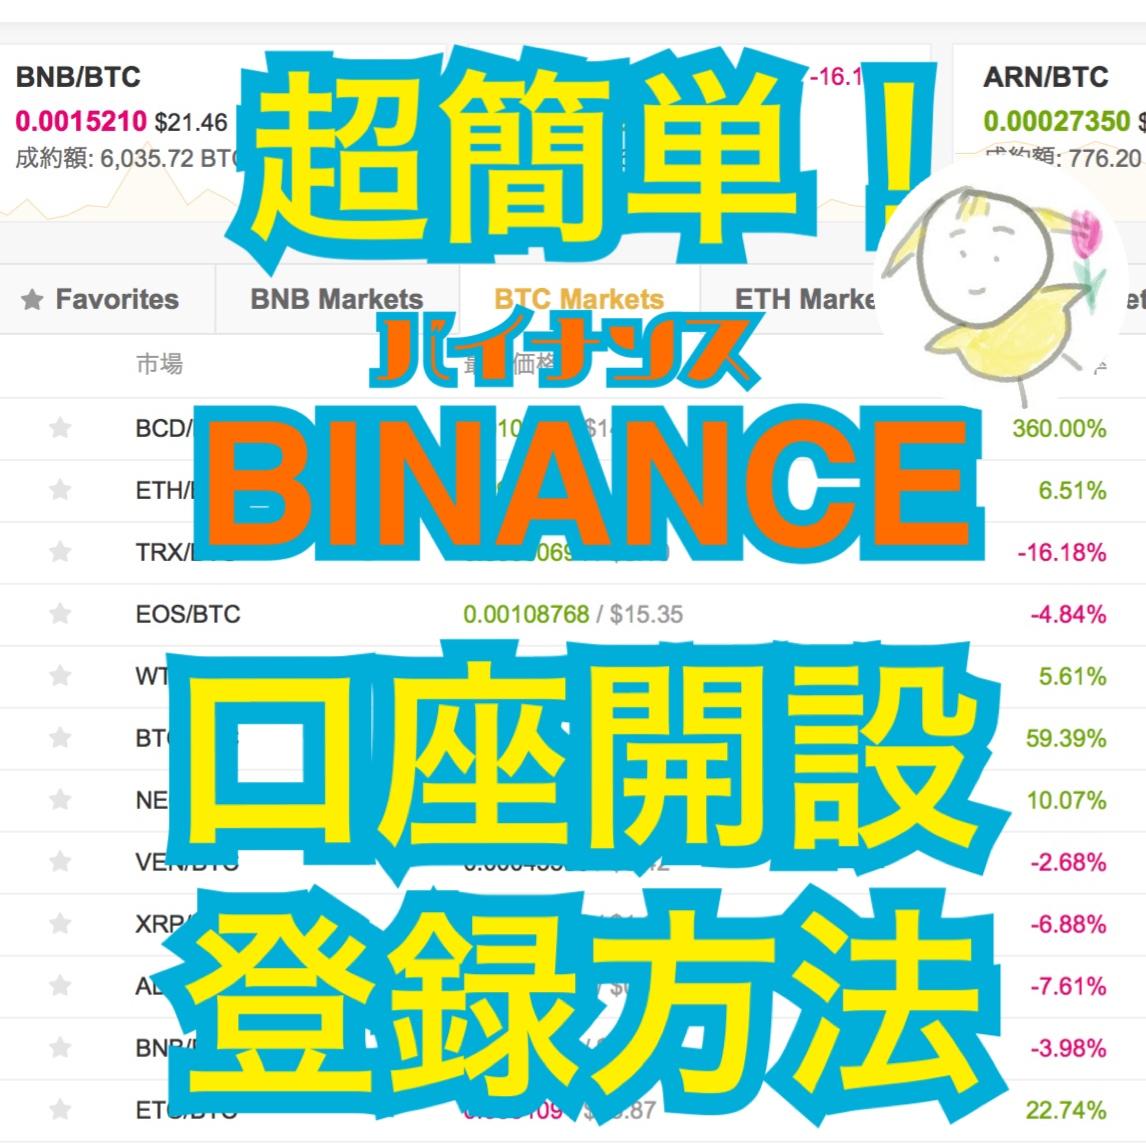 【激安手数料】超簡単!仮想通貨取引所BINANCE(バイナンス)への登録方法!【取引量世界No.1】